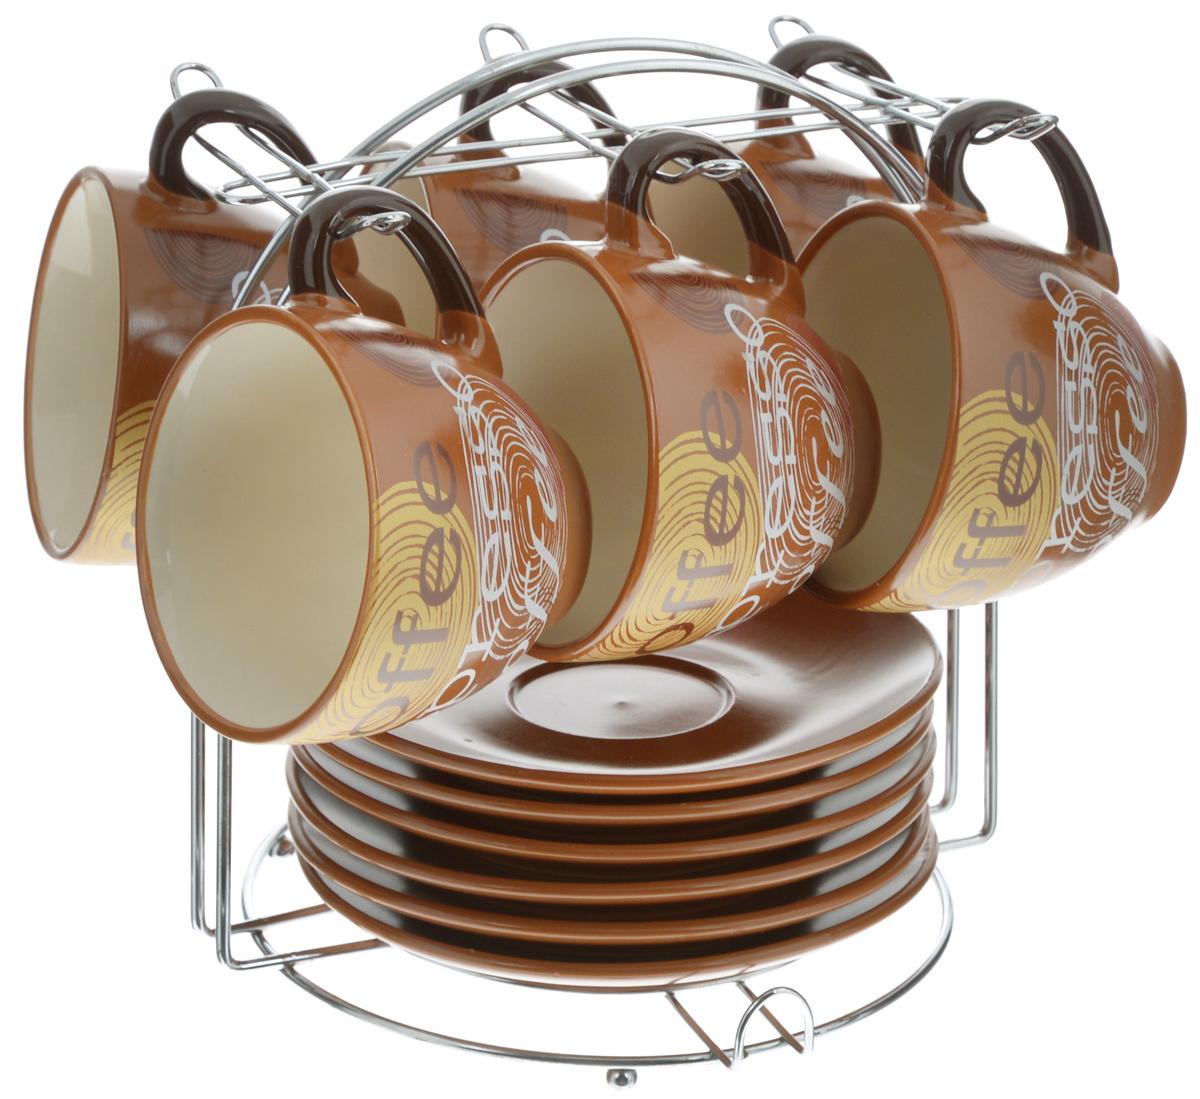 Набор чайный Loraine, на подставке, 13 предметов. 2353723537Набор Loraine состоит из шести чашек и шести блюдец, изготовленных из высококачественной керамики и оформленных стильным рисунком. Изделия расположены на металлической подставке. Такой набор подходит для подачи чая или кофе.Изящный дизайн придется по вкусу и ценителям классики, и тем, кто предпочитает утонченность и изысканность. Он настроит на позитивный лад и подарит хорошее настроение с самого утра. Чайный набор Loraine - идеальный и необходимый подарок для вашего дома и для ваших друзей в праздники.Можно использовать в микроволновой печи, также мыть в посудомоечной машине. Объем чашки: 220 мл. Диаметр чашки по верхнему краю: 9 см. Высота чашки: 7,5 см. Диаметр блюдца: 14,5 см. Высота блюдца: 2,2 см.Размер подставки: 19 х 19,5 х 21 см.